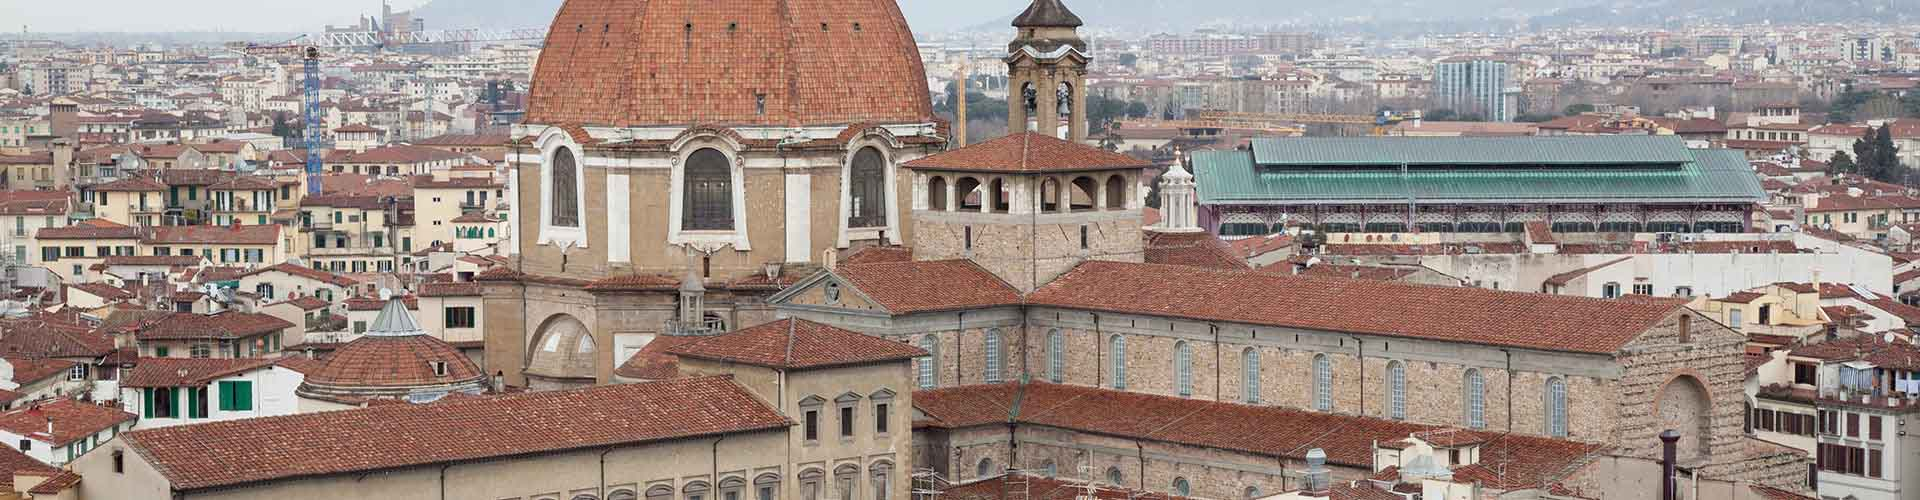 Florencia - Habitaciones en el distrito San Lorenzo. Mapas de Florencia, Fotos y comentarios de cada Habitación en Florencia.